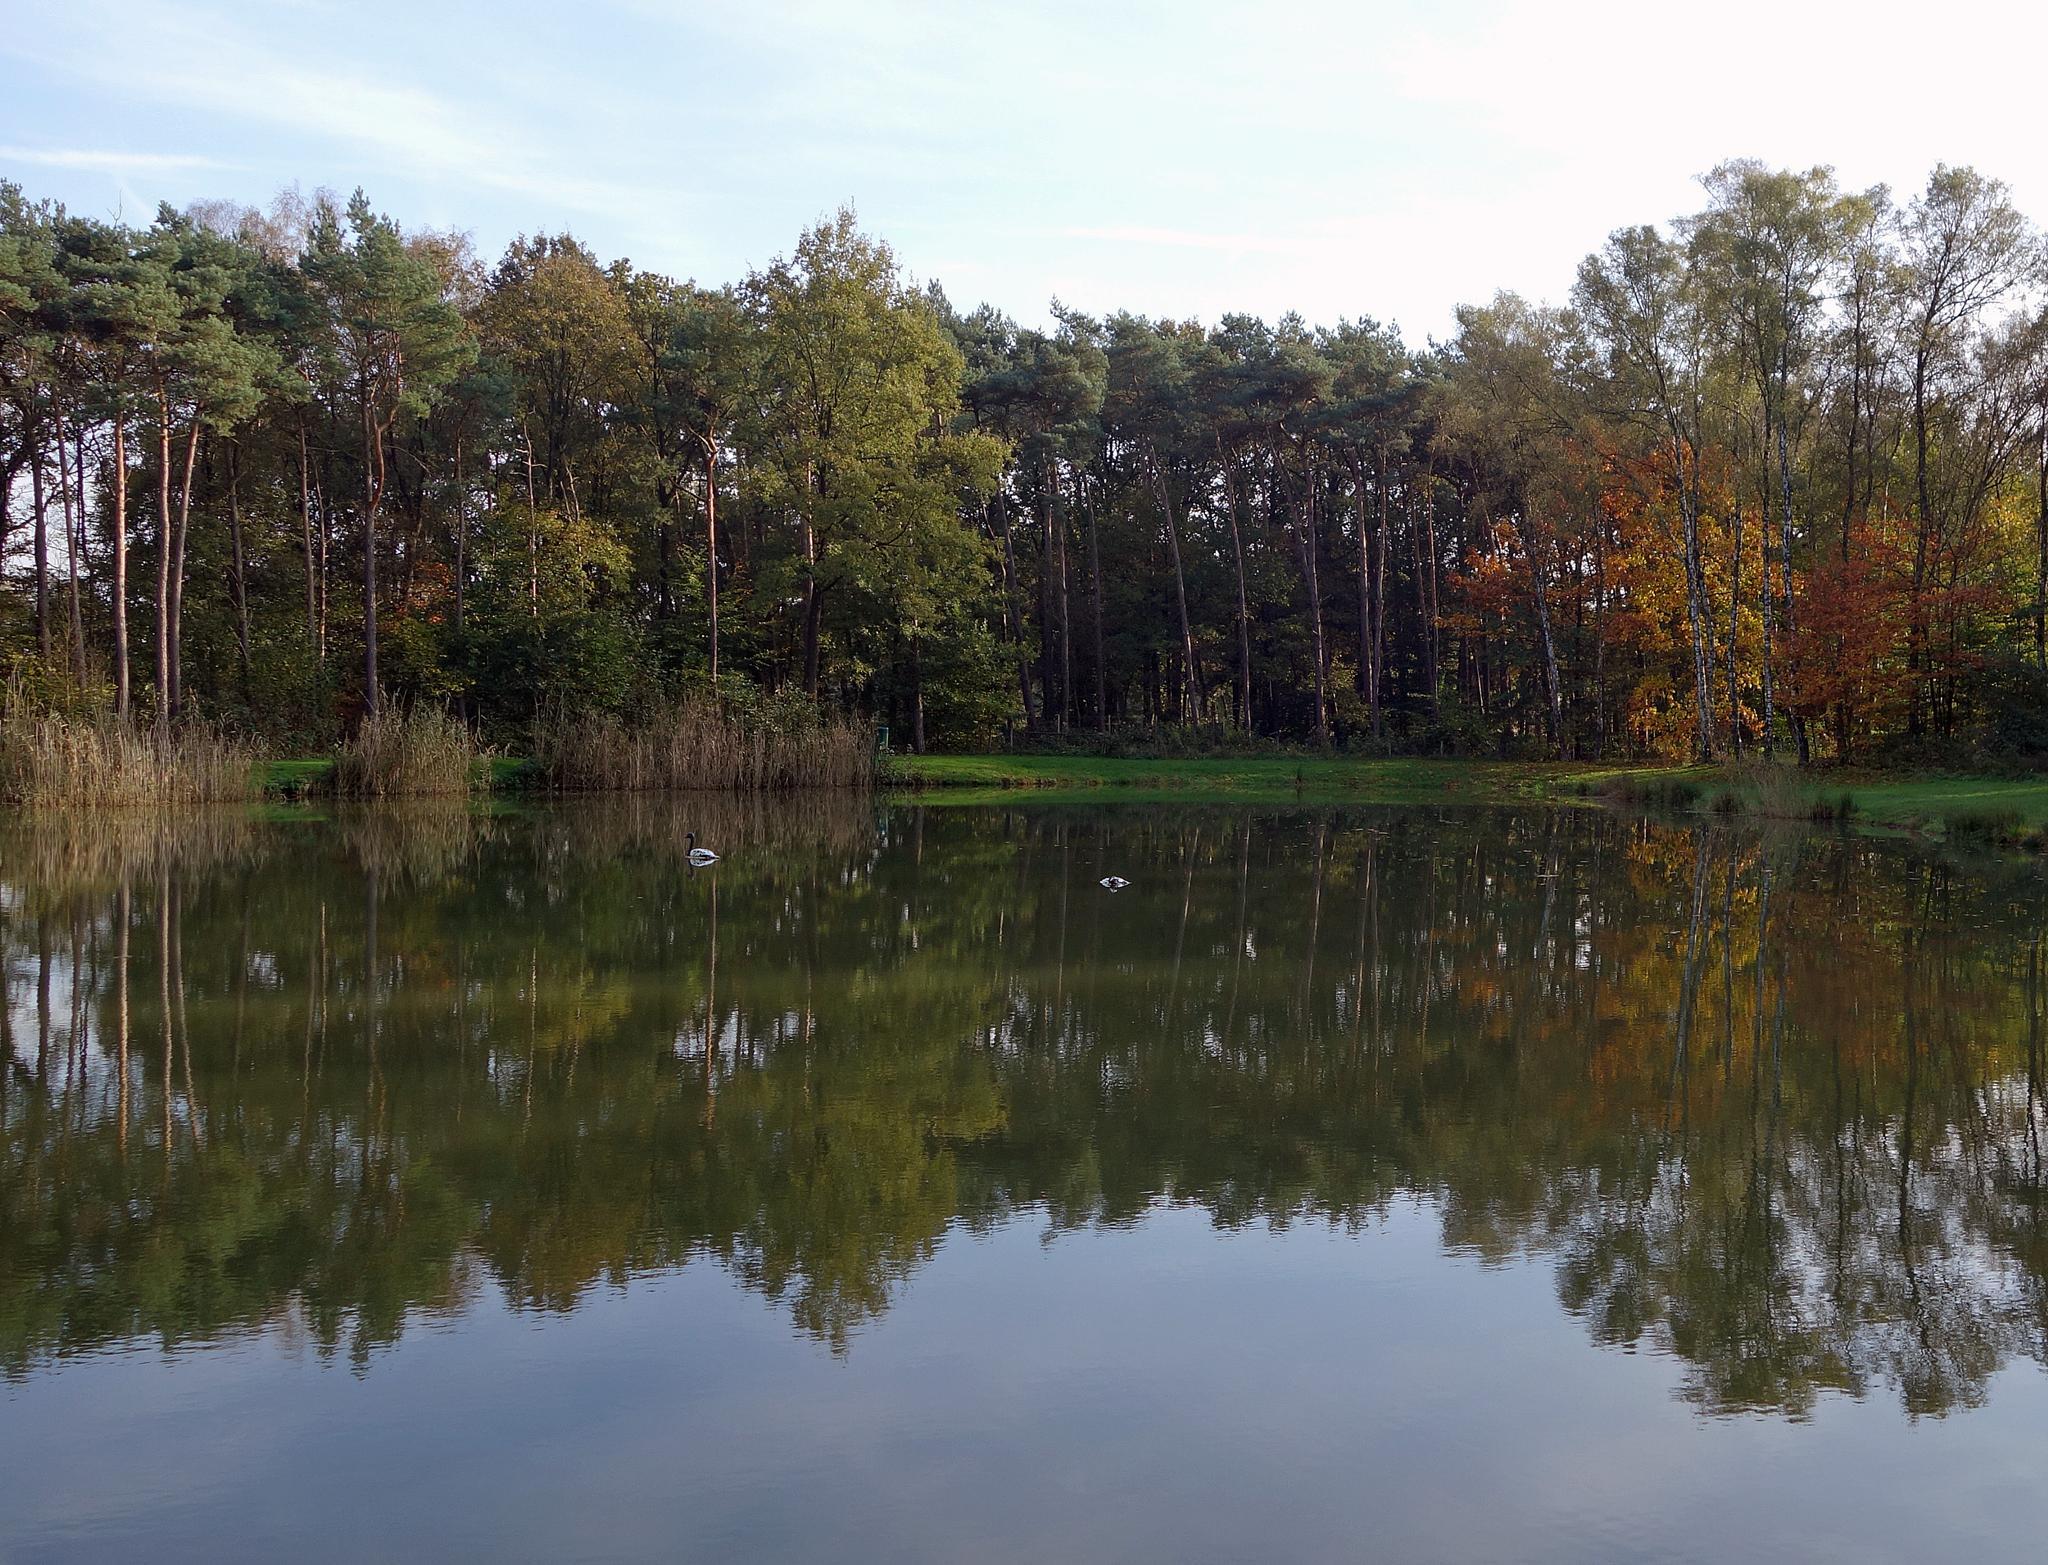 Reflection in Winterswijk by zwedendejong